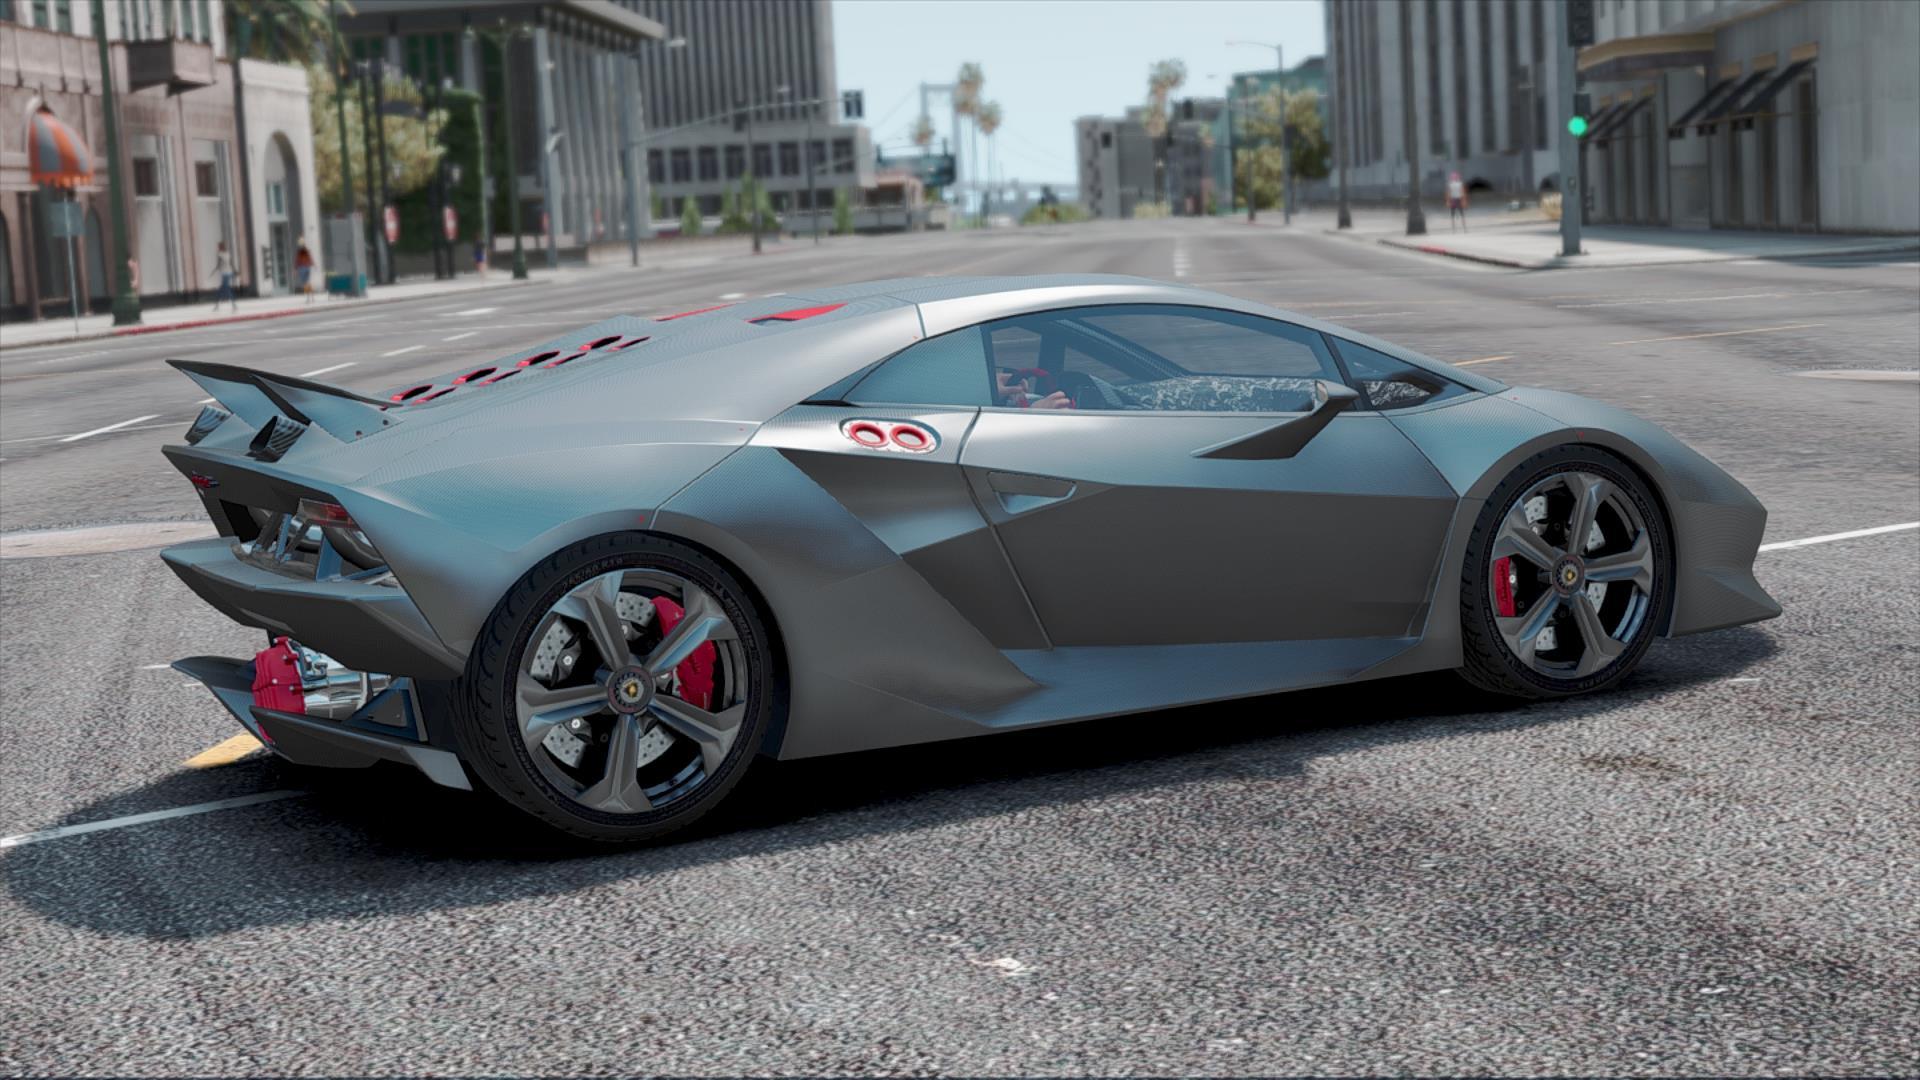 Lamborghini Sesto Elemento 11 Gta5 Mods Com